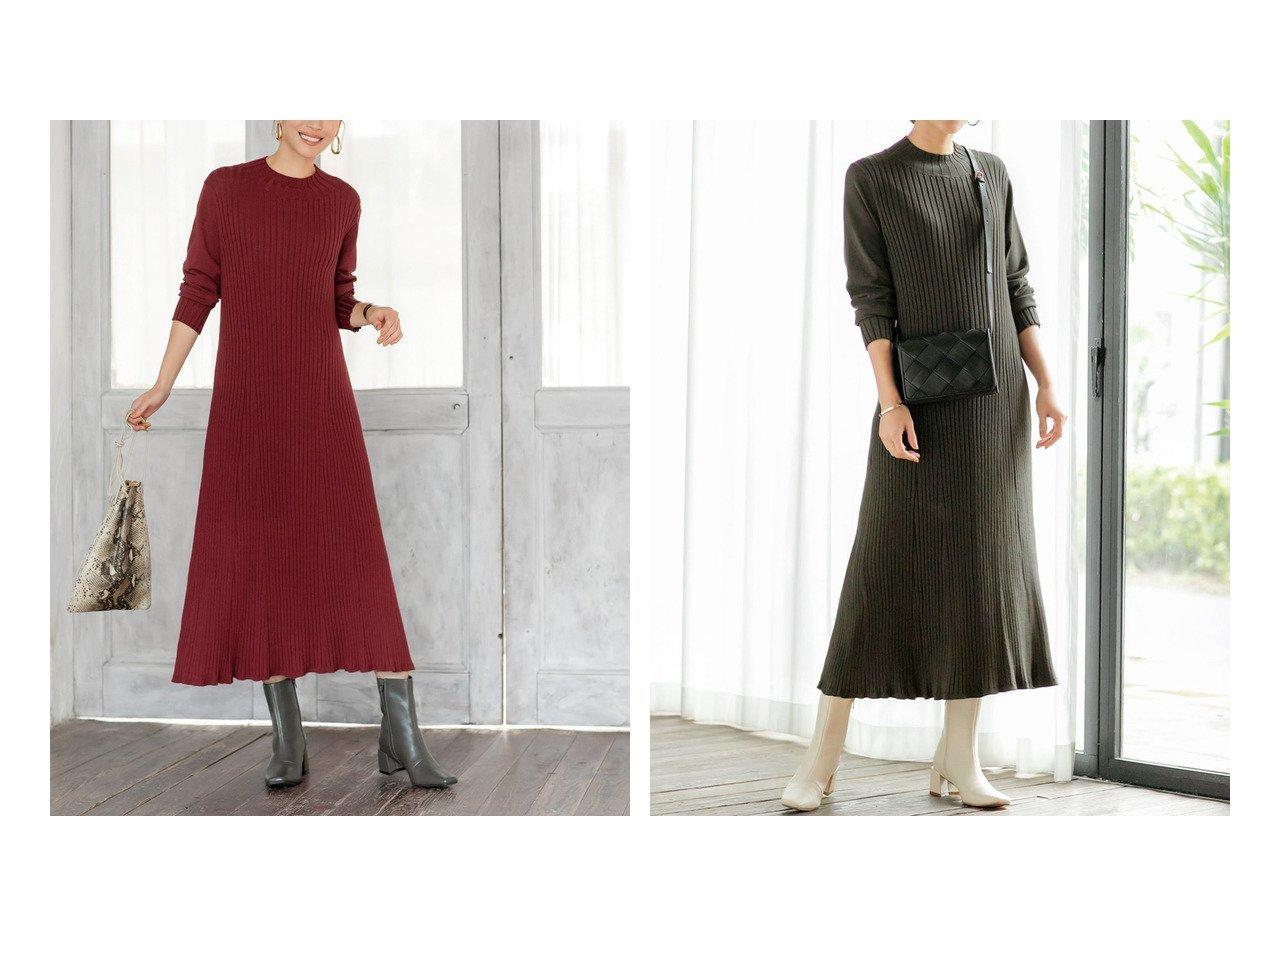 【STYLE DELI/スタイルデリ】の【LUXE】ぴったりしないリブニットワンピースB 【ワンピース・ドレス】おすすめ!人気、トレンド・レディースファッションの通販 おすすめで人気の流行・トレンド、ファッションの通販商品 インテリア・家具・メンズファッション・キッズファッション・レディースファッション・服の通販 founy(ファニー) https://founy.com/ ファッション Fashion レディースファッション WOMEN ワンピース Dress ニットワンピース Knit Dresses スタイリッシュ スリム タイツ 定番 Standard なめらか ハイネック フィット フォルム フラット フレア ペチコート ポケット リブニット ワイドリブ 再入荷 Restock/Back in Stock/Re Arrival |ID:crp329100000071509